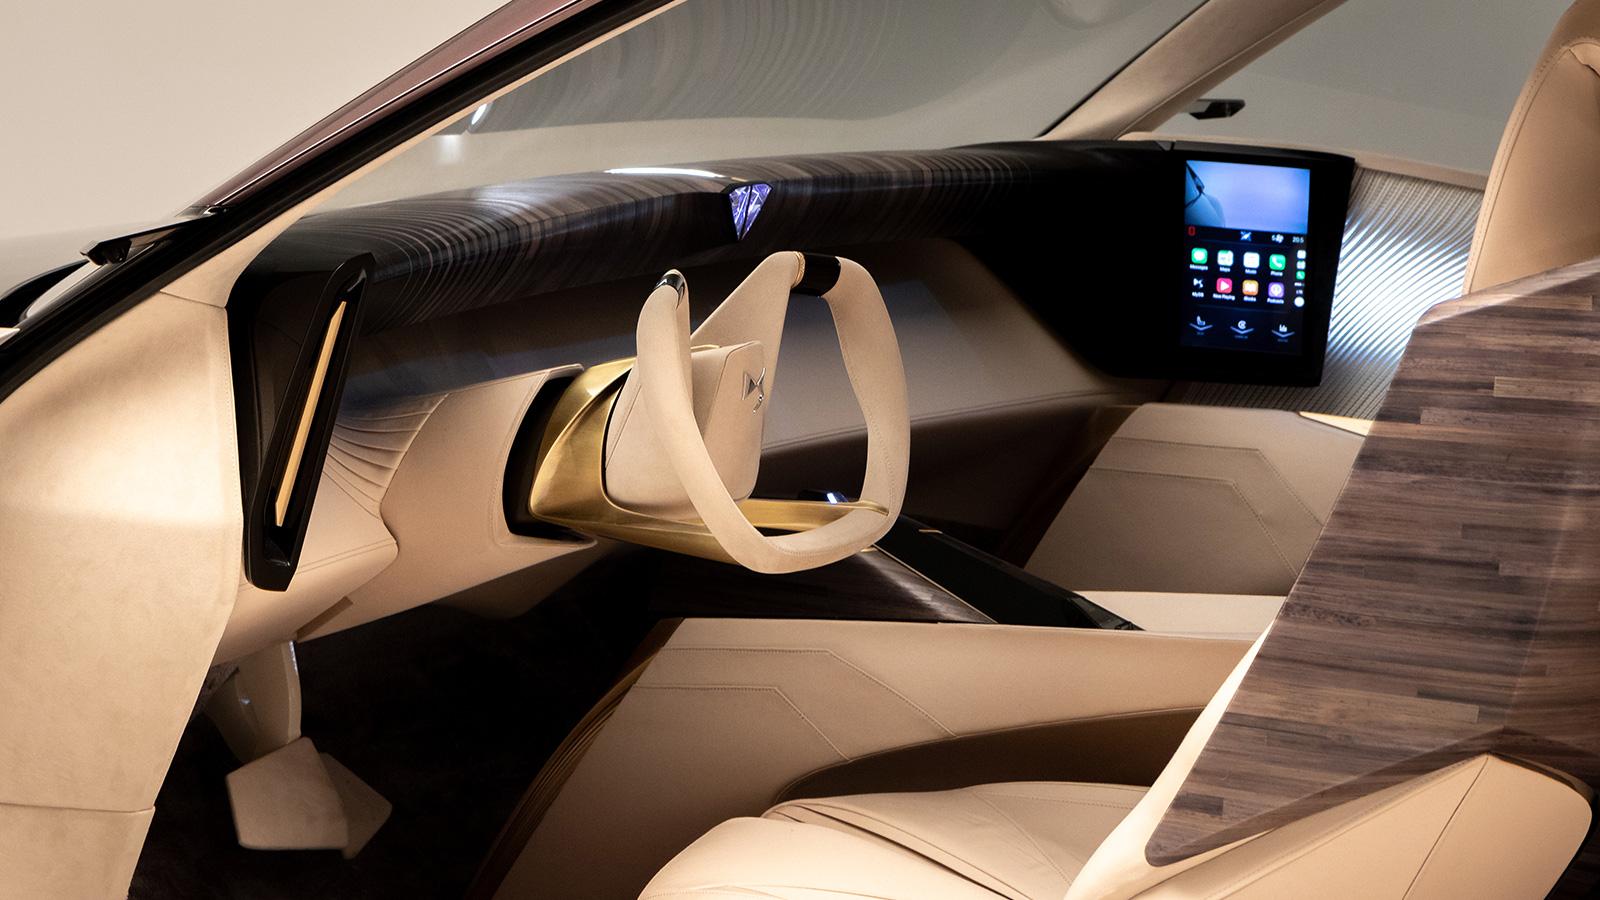 DS Automobiles gesture control inside future car